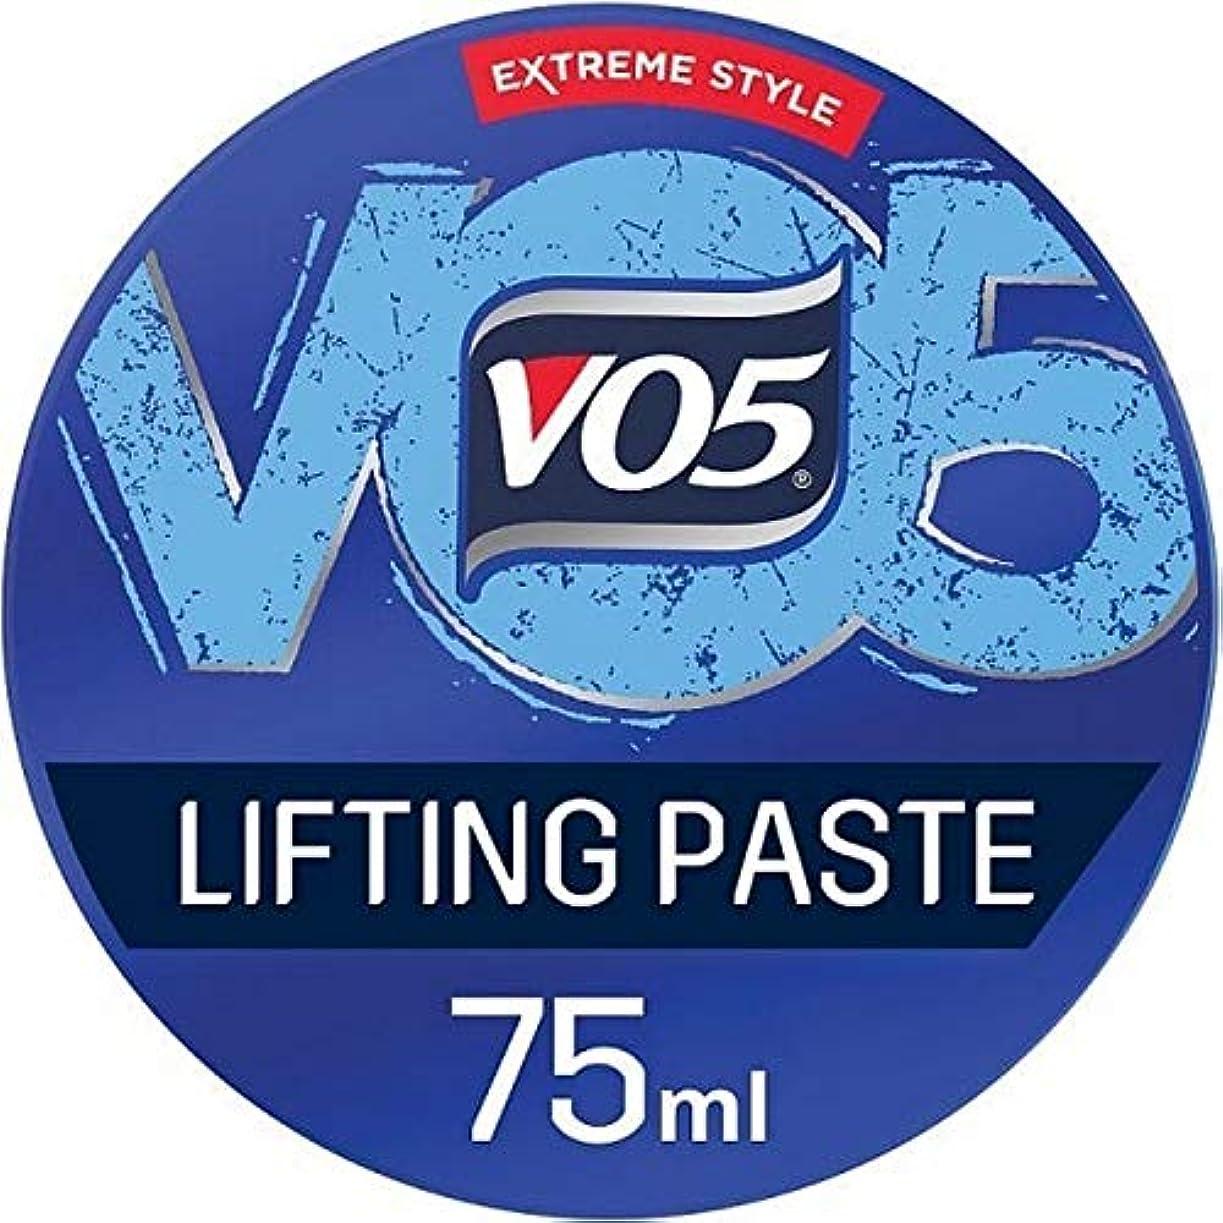 売るソーダ水スリップ[VO5] Vo5極端なスタイルリフティングペースト75ミリリットル - VO5 Extreme Style Lifting Paste 75ml [並行輸入品]